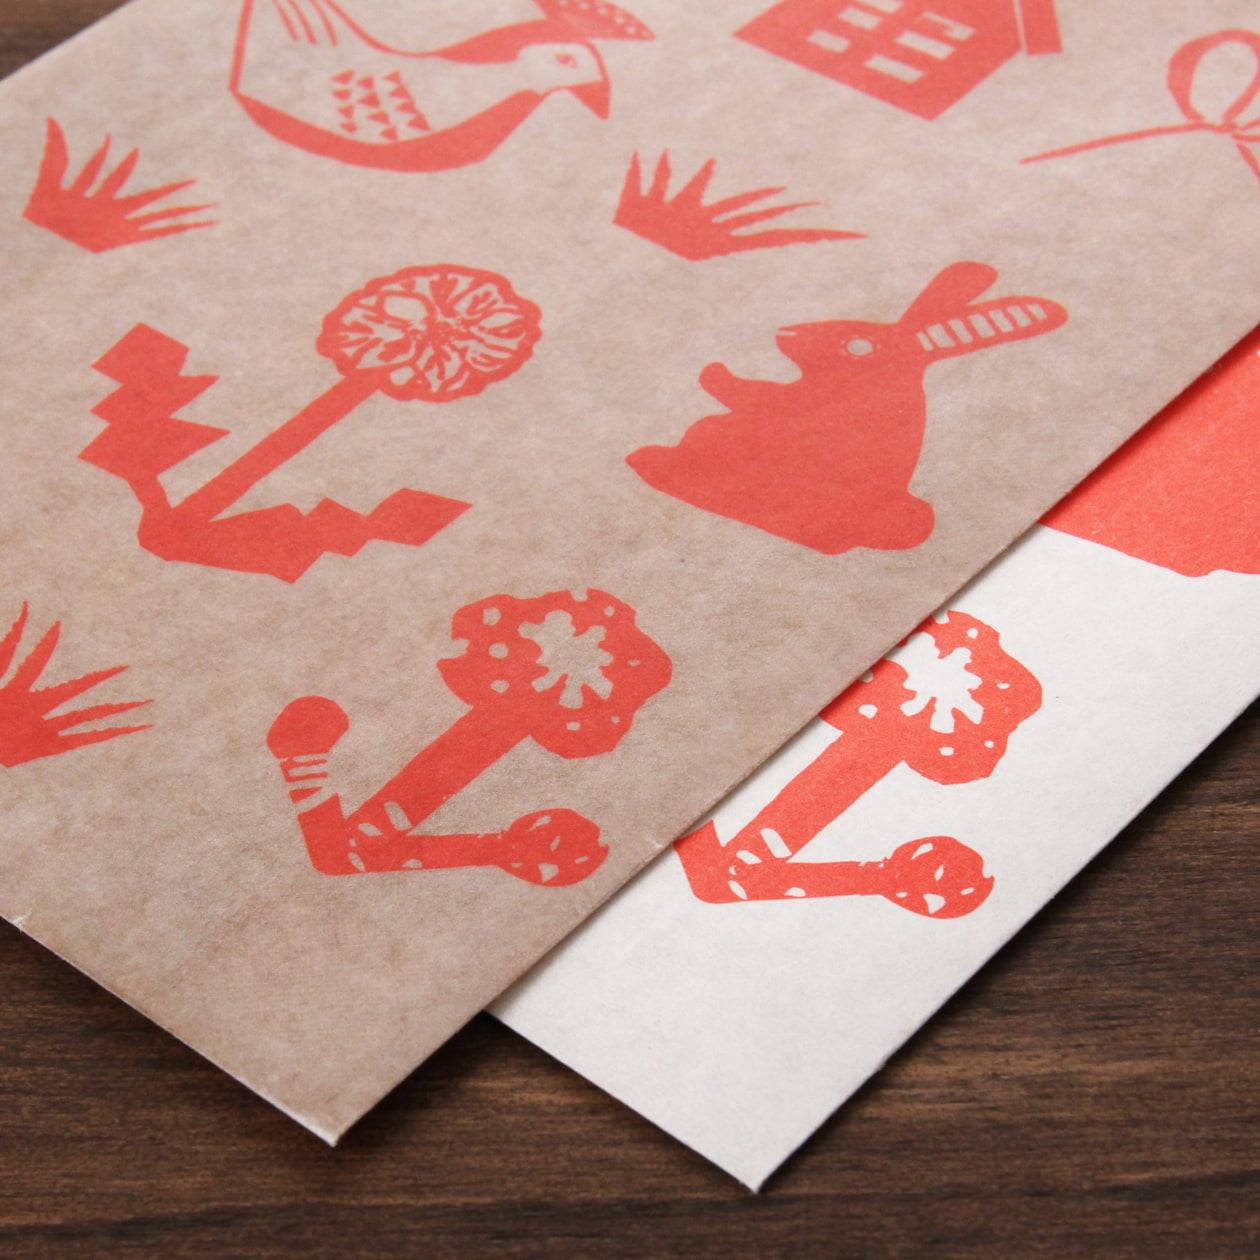 ロウ引きの封筒